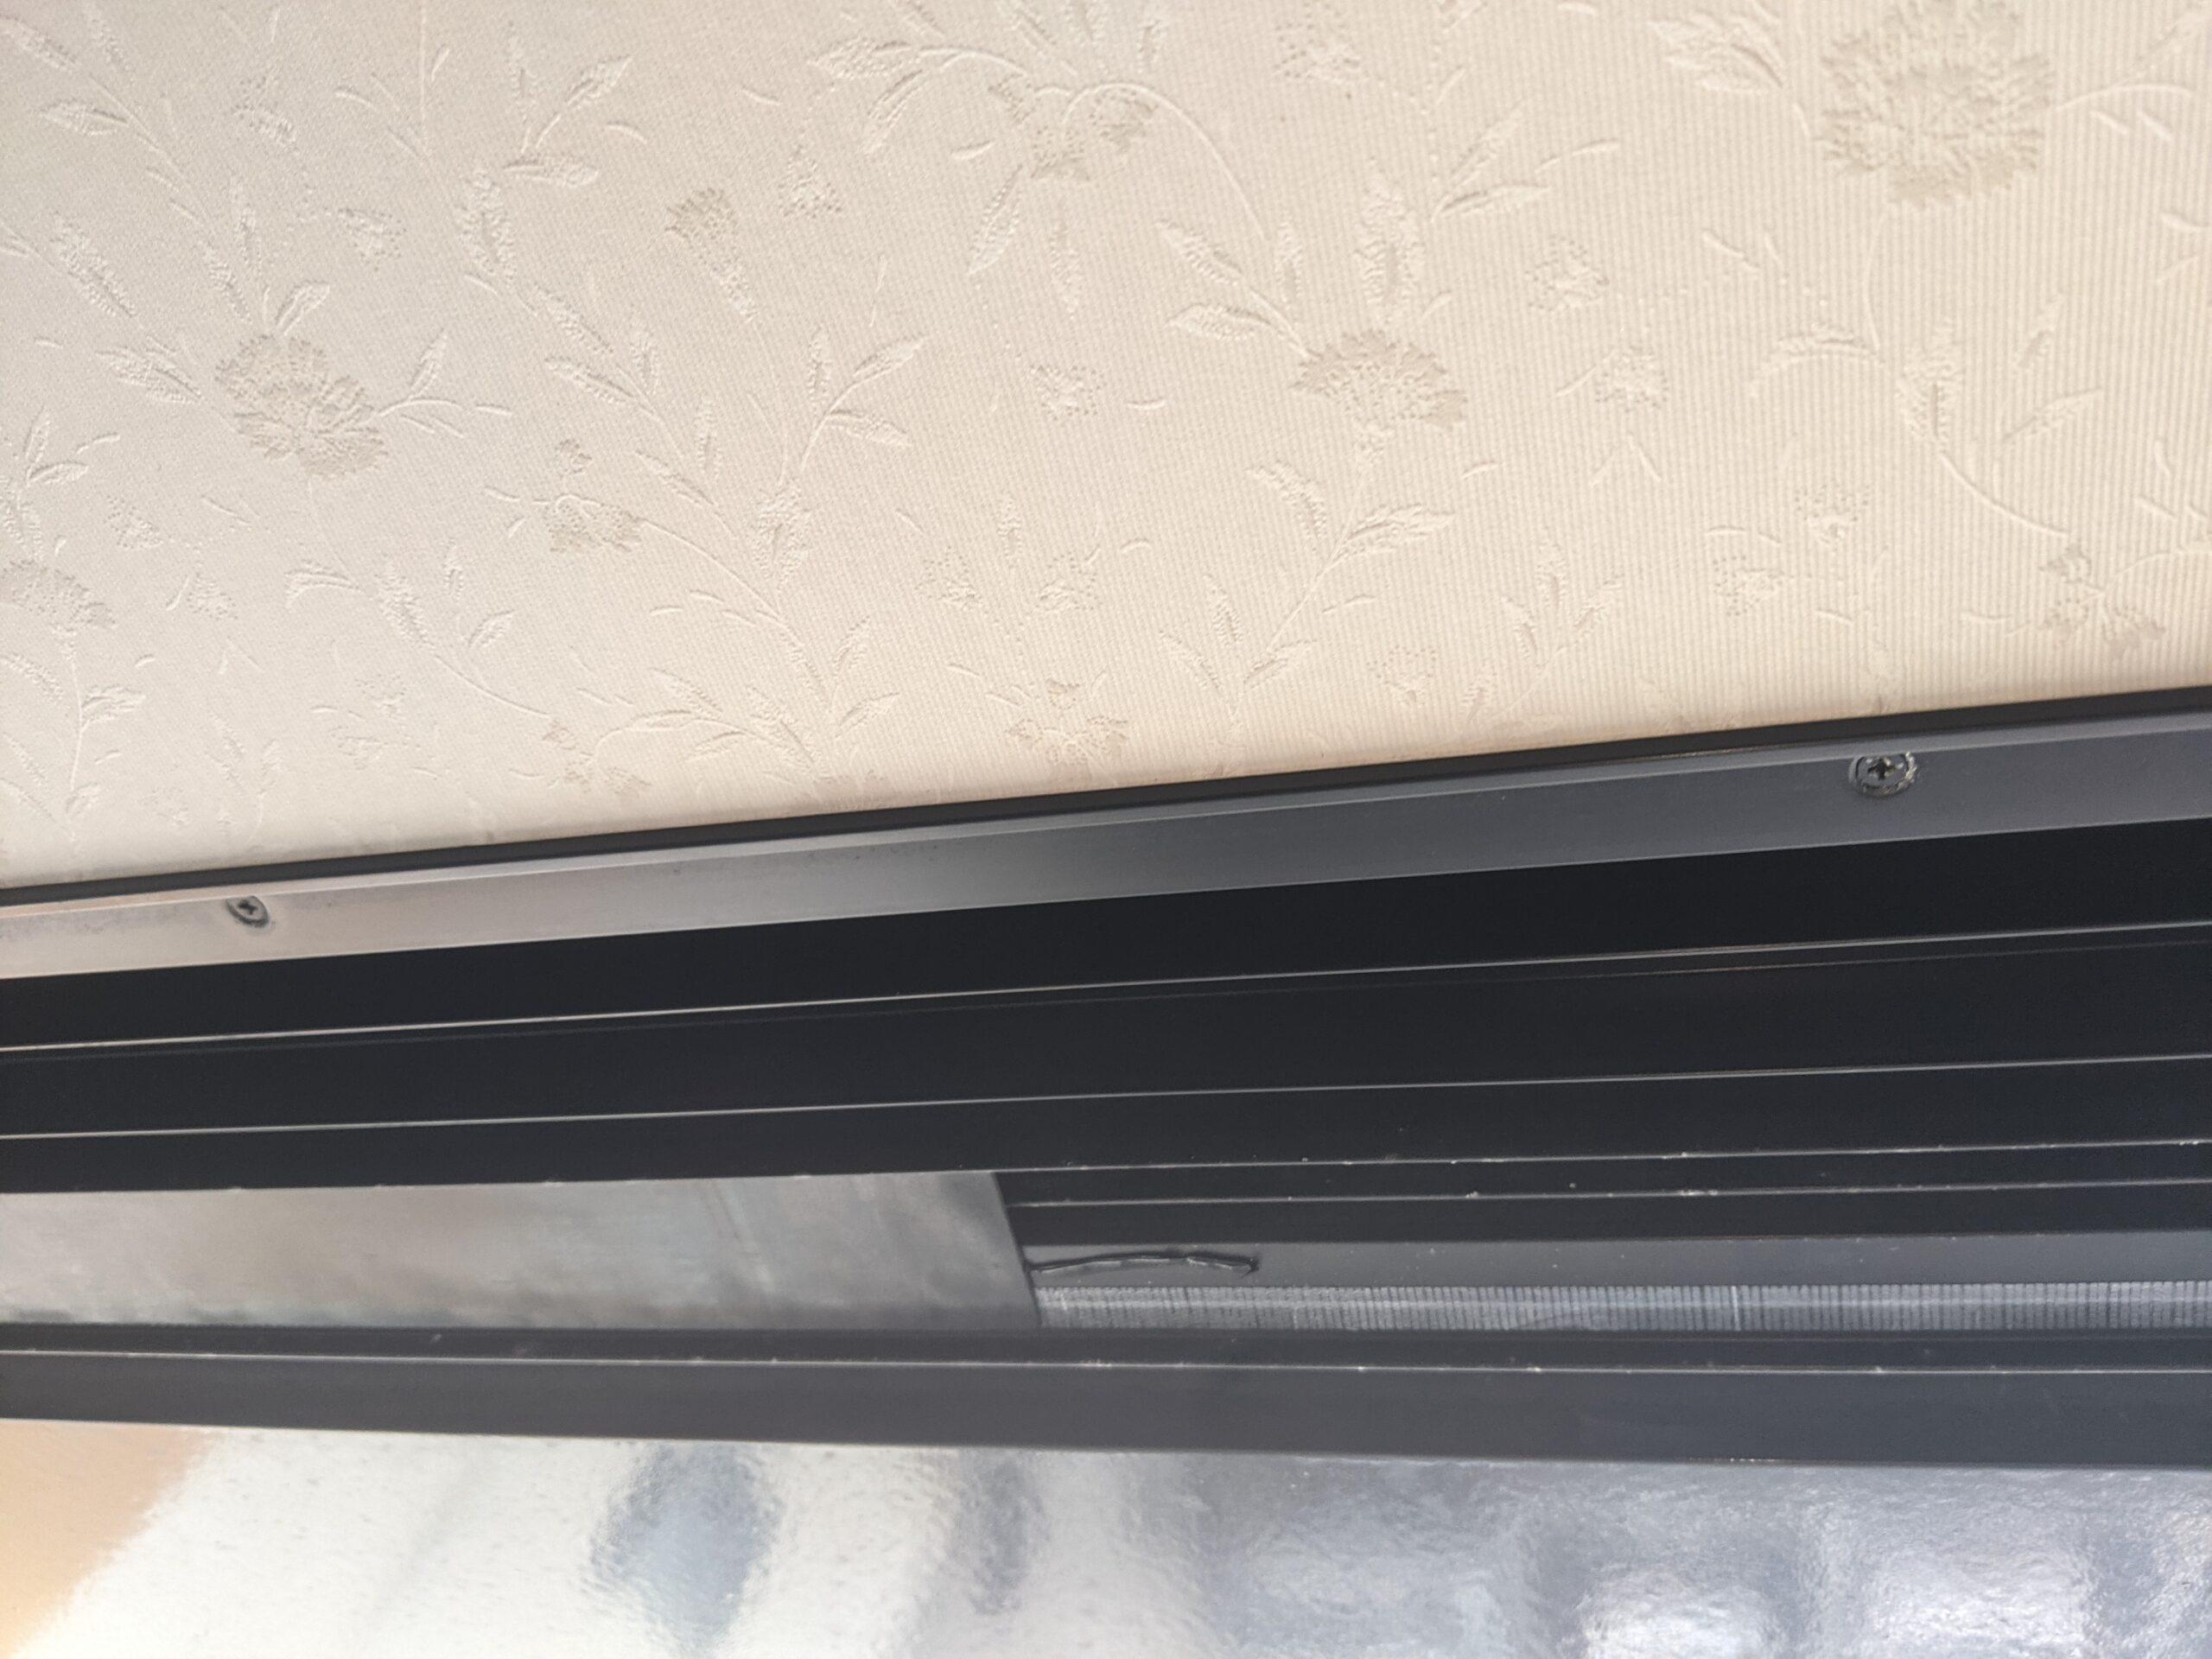 千葉県市原市のY様のコウモリ駆除:施工後